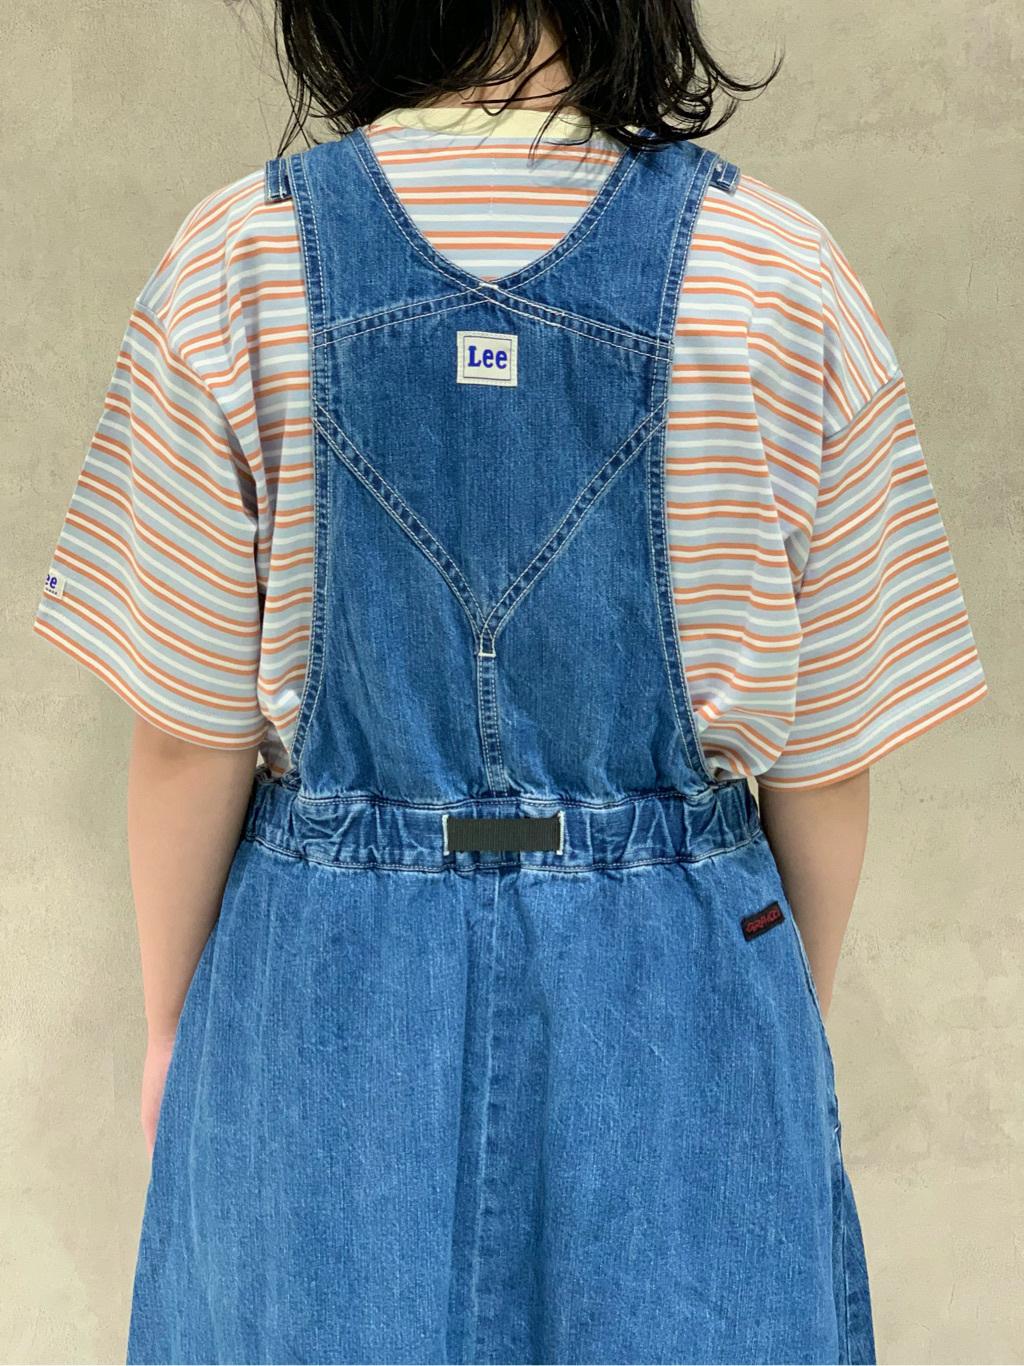 Lee 名古屋店の千さんのLeeのマルチボーダー 半袖Tシャツを使ったコーディネート